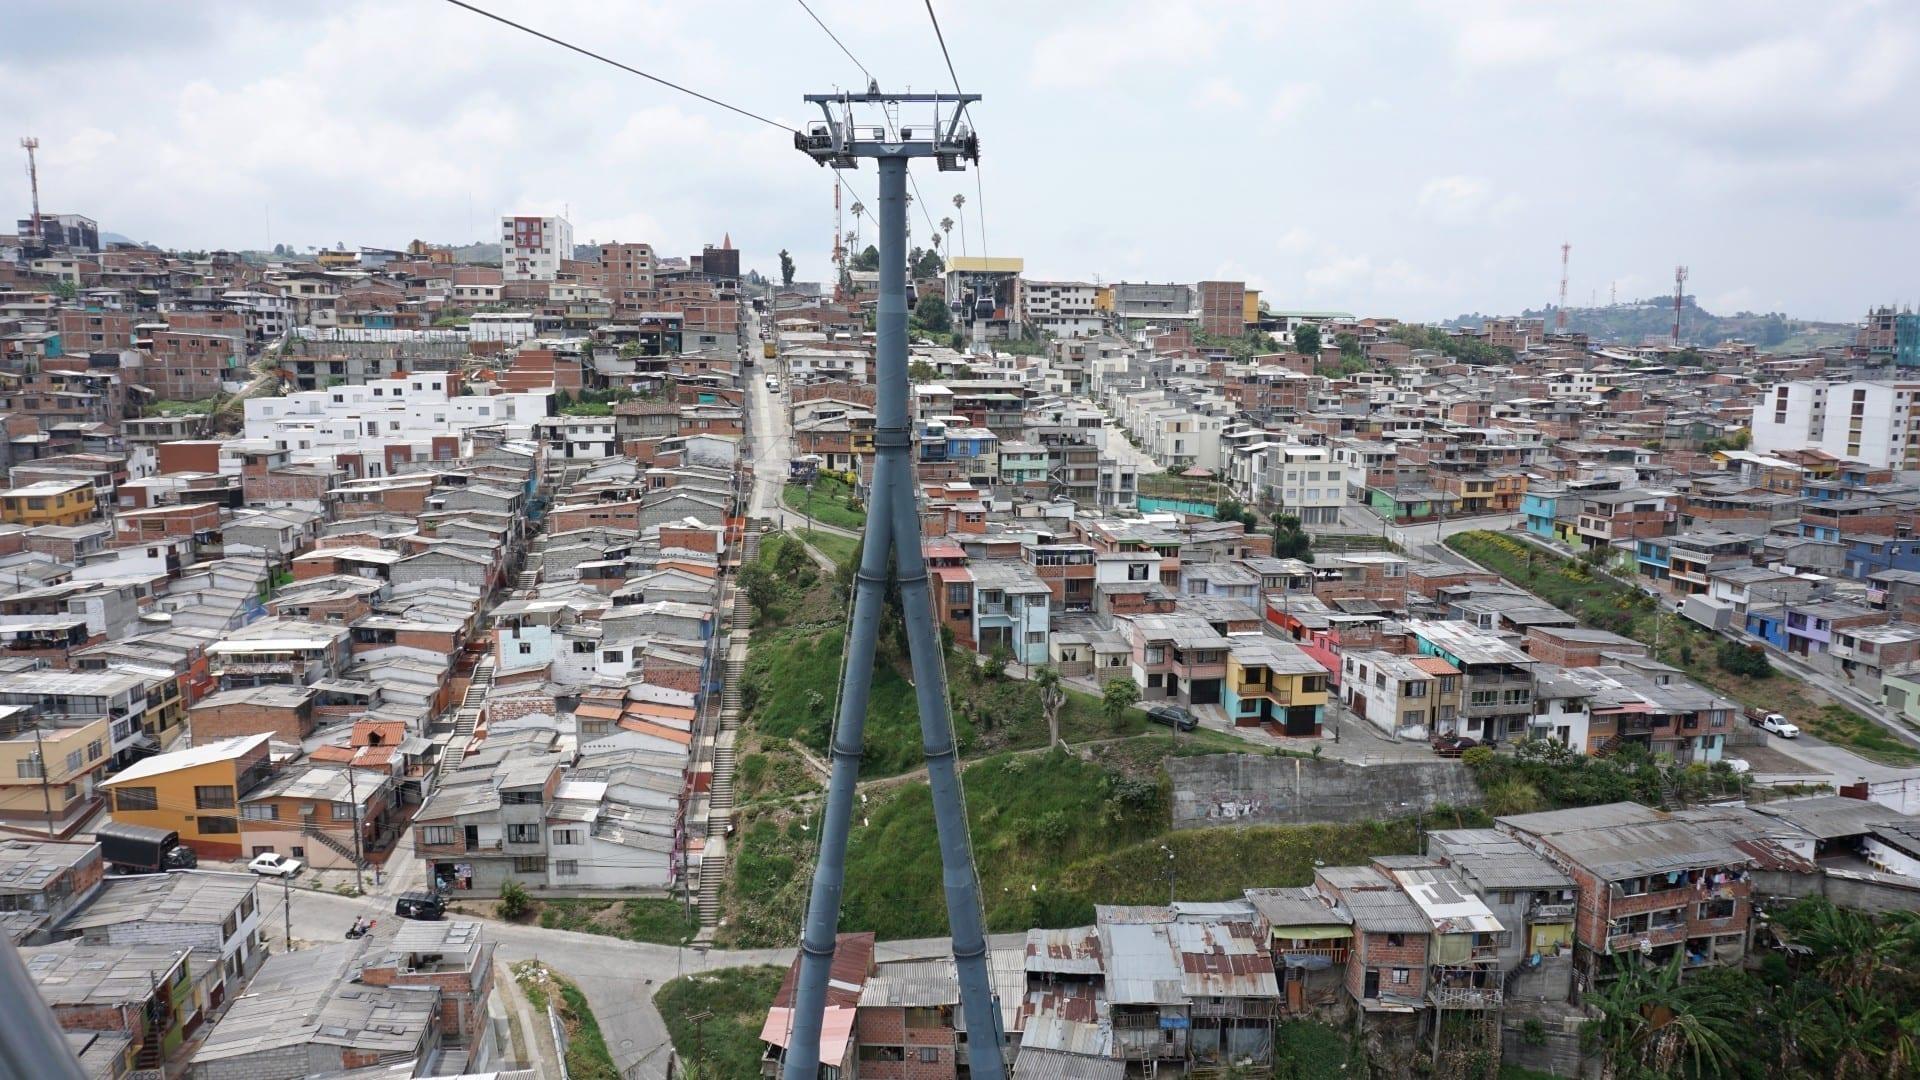 Teleférico de Manizales zu Villamaria Manizales Colombia